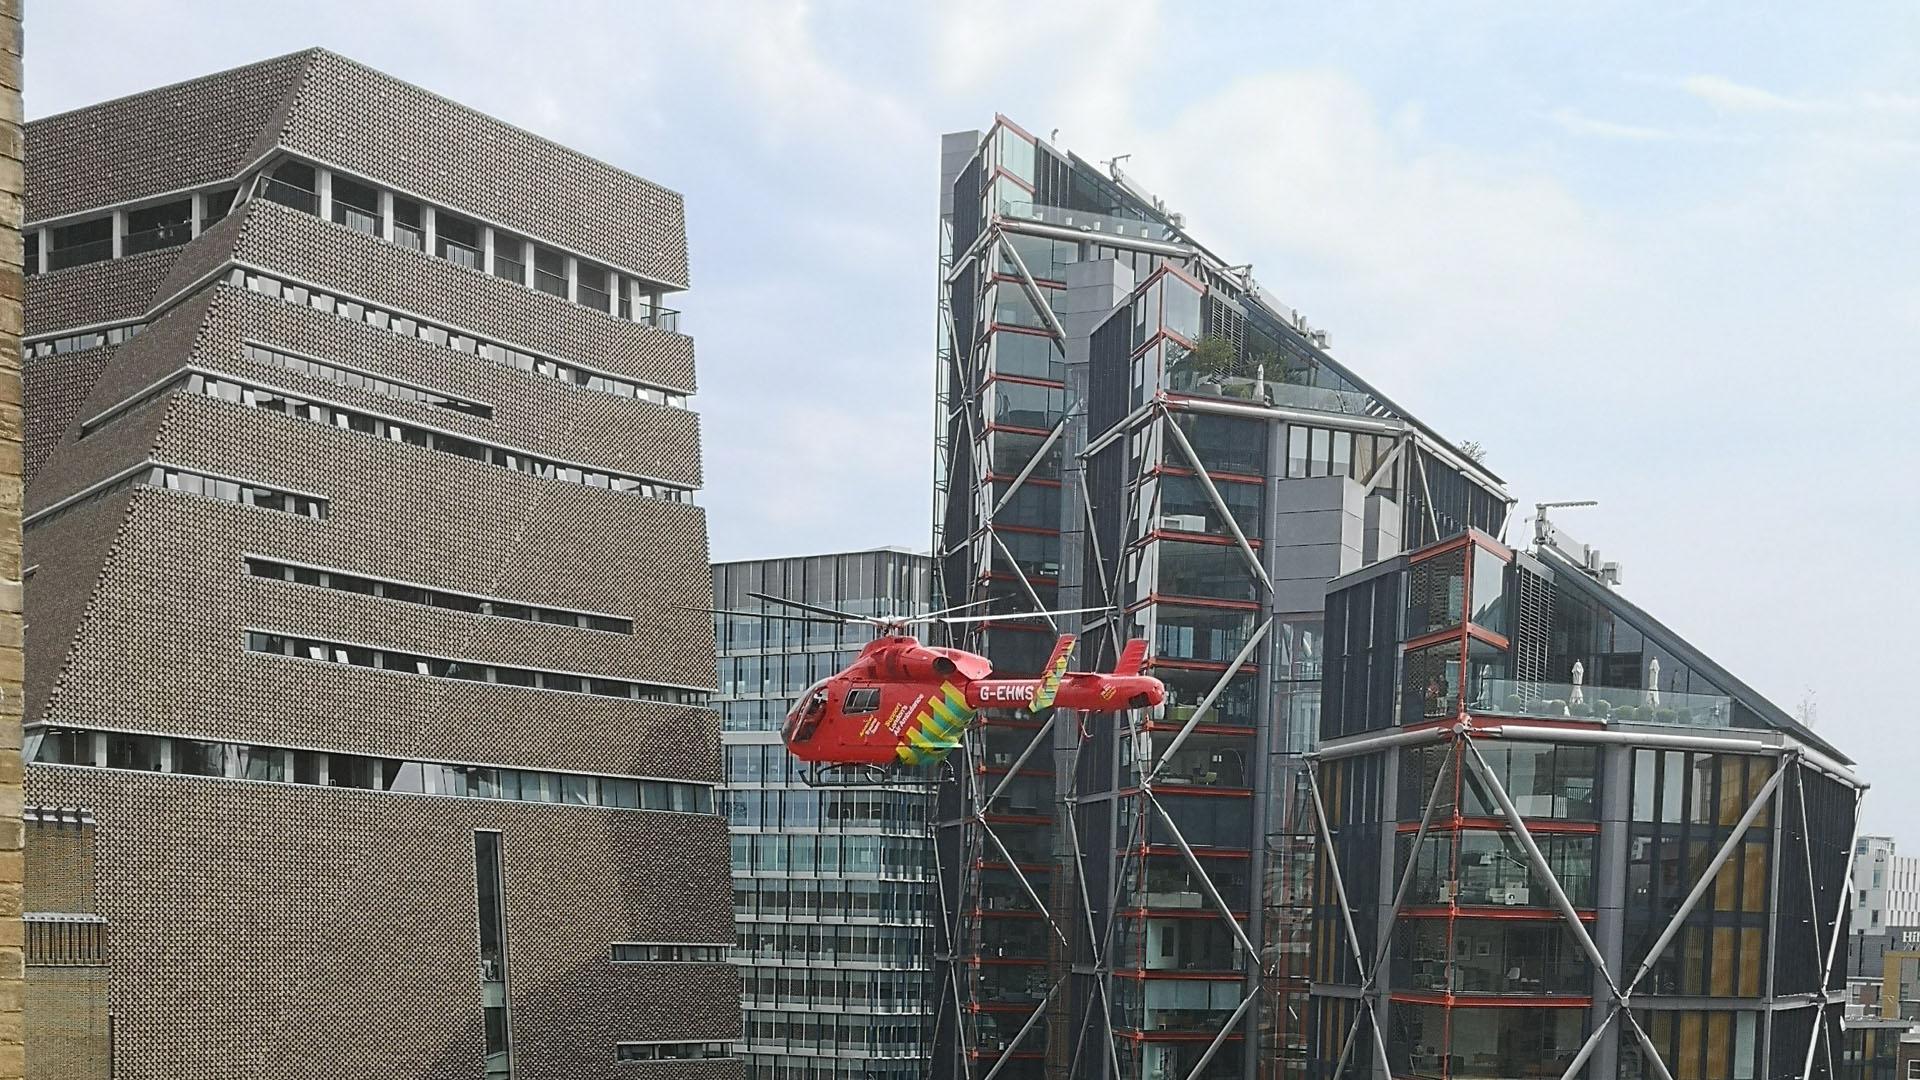 Adolescente acusado de lanzar niño de piso 10 en Tate Modern